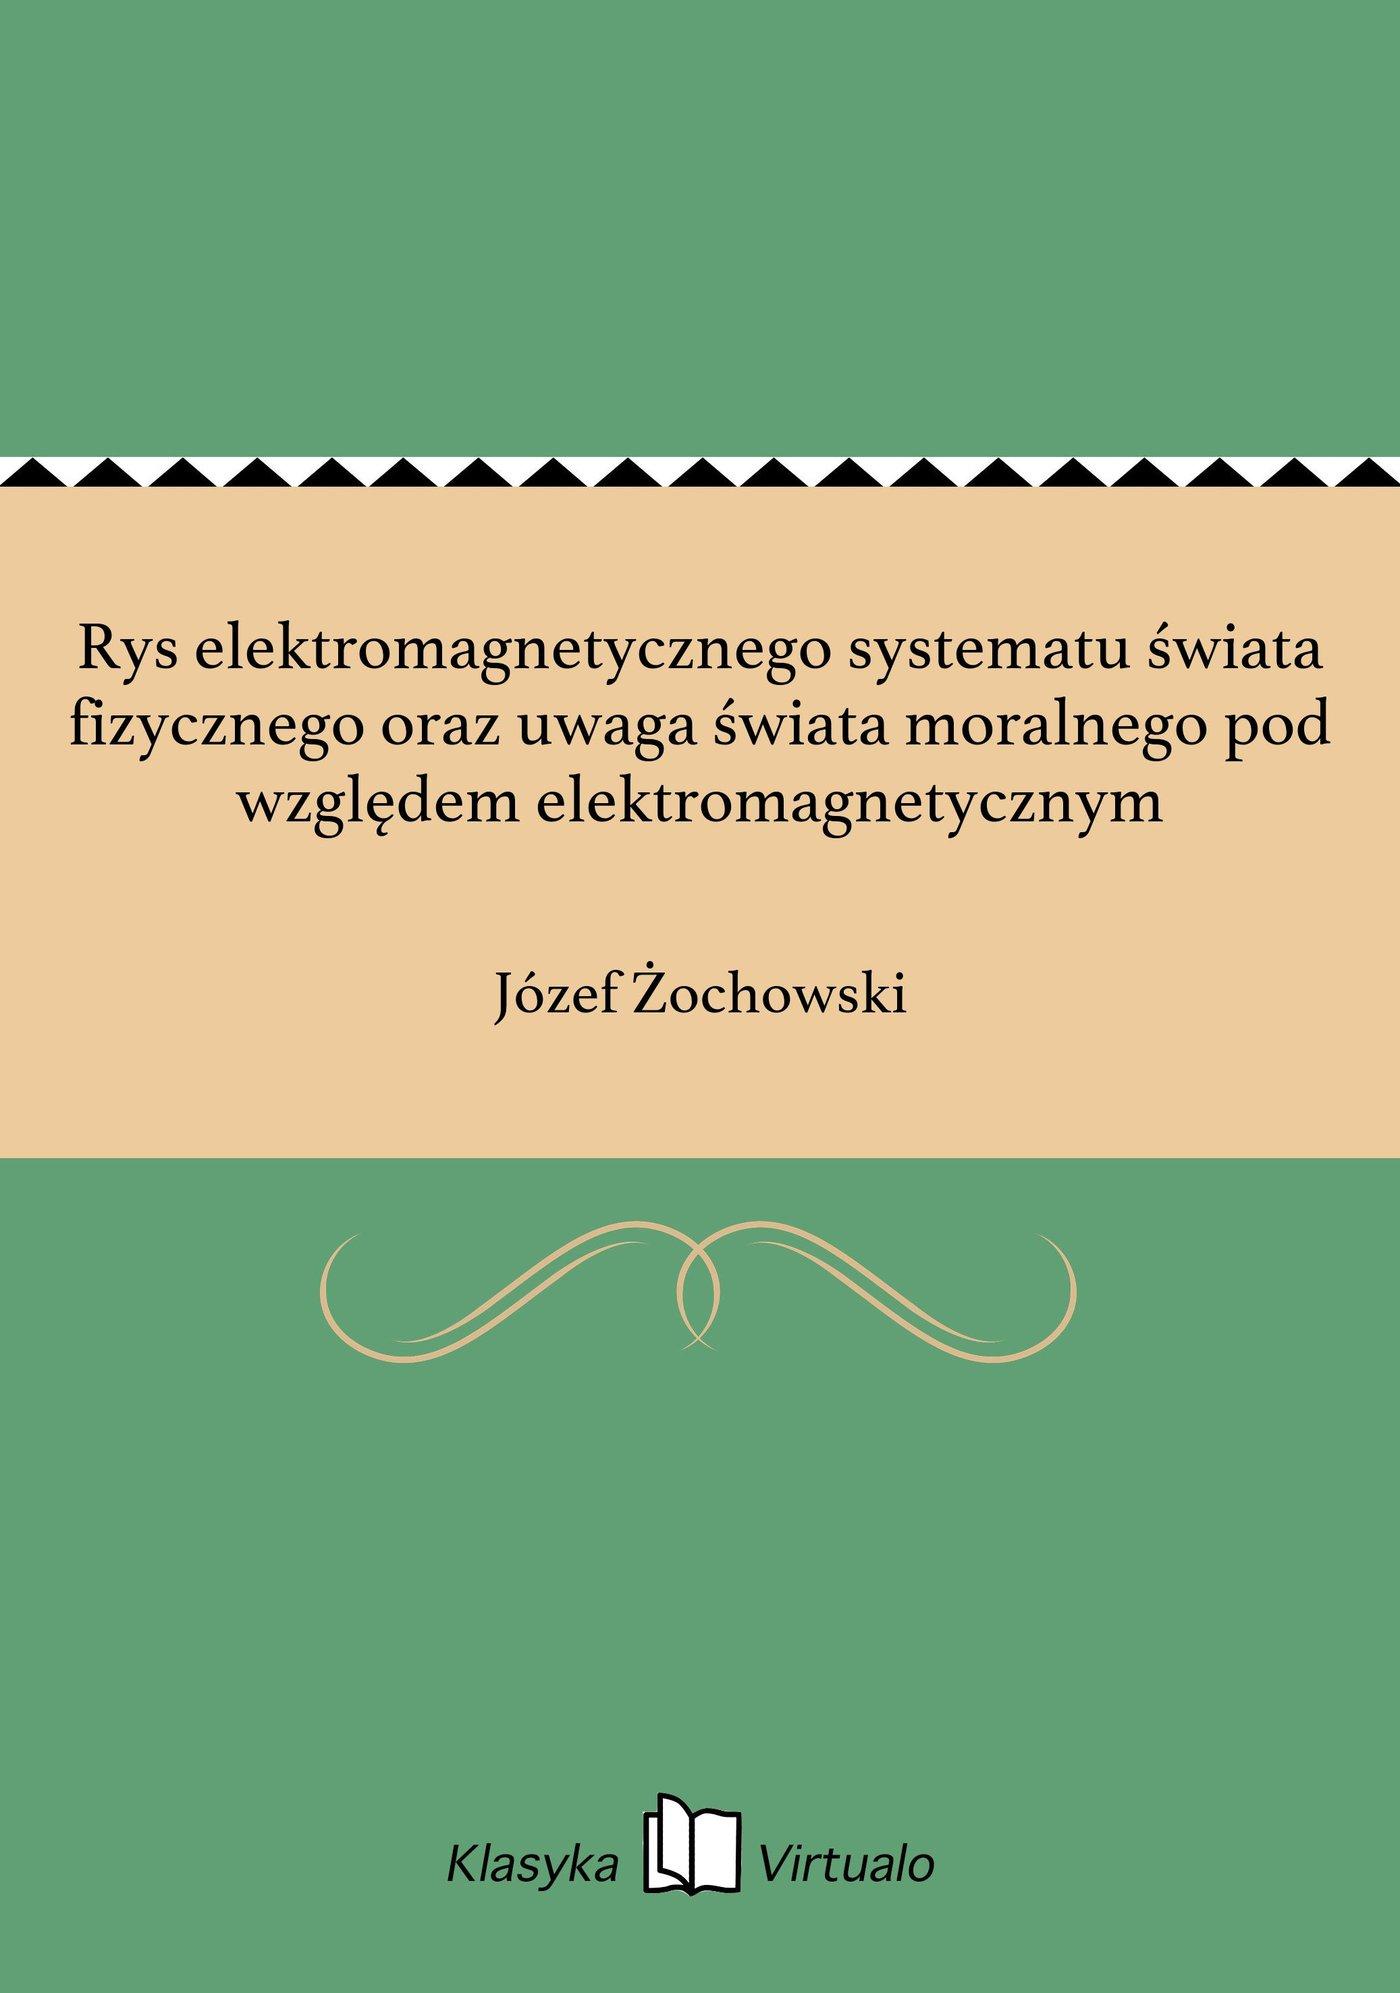 Rys elektromagnetycznego systematu świata fizycznego oraz uwaga świata moralnego pod względem elektromagnetycznym - Ebook (Książka EPUB) do pobrania w formacie EPUB